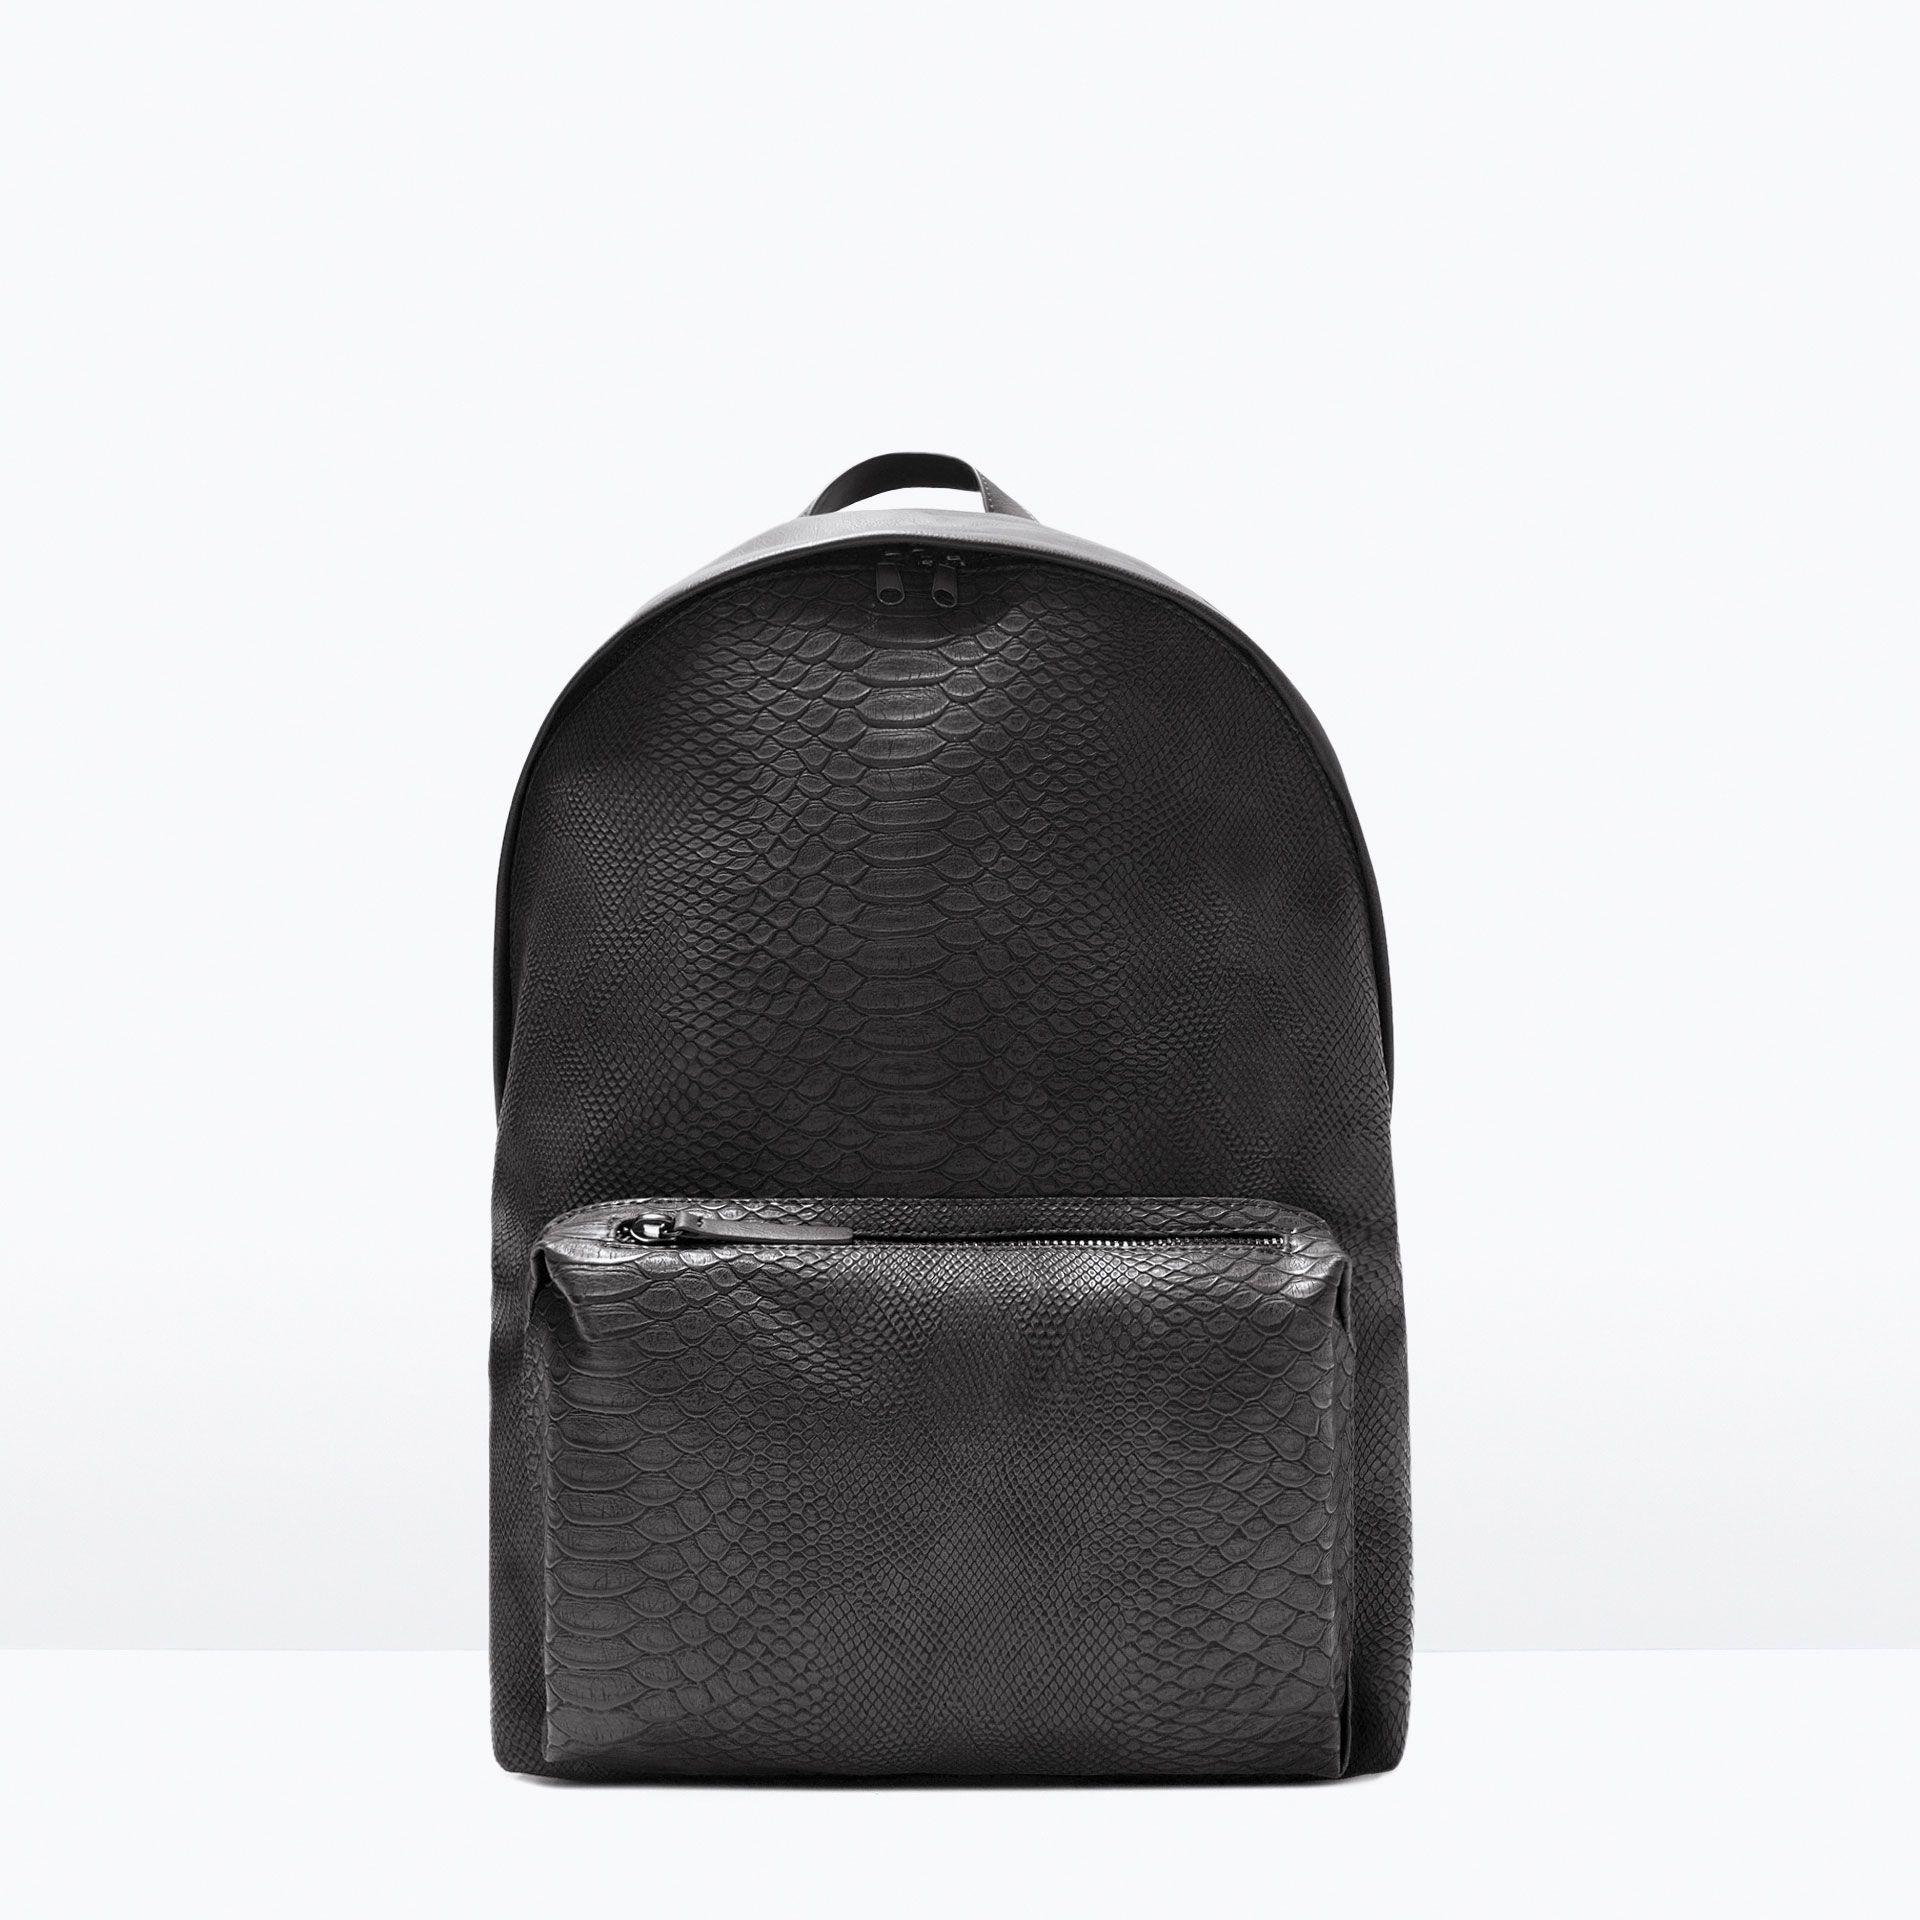 5330dd5c5a ZAINO CON INCISIONI - Viaggio - Borse - UOMO | ZARA Italia | Leather ...